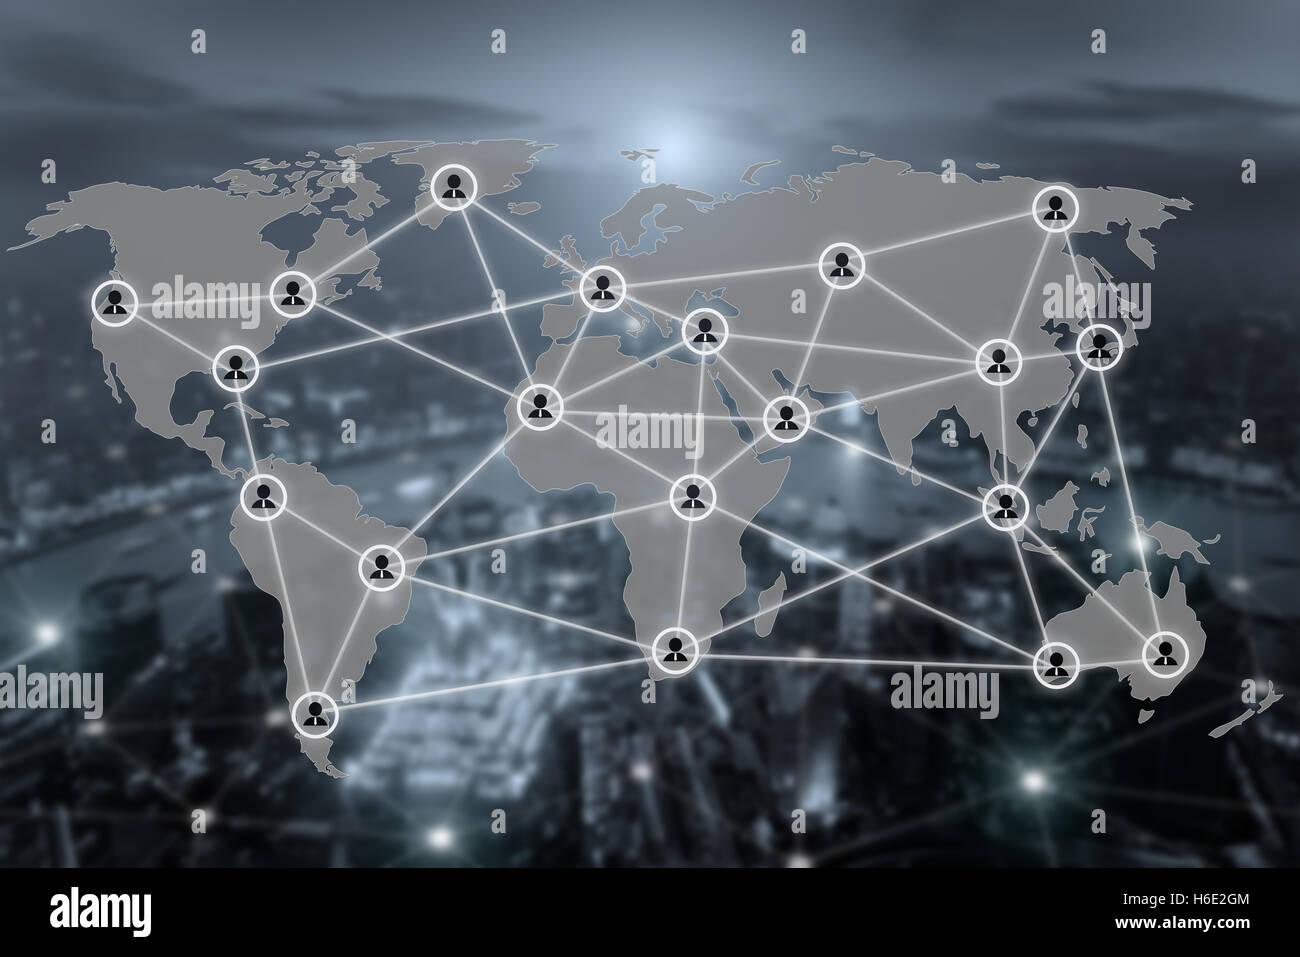 Mappa del mondo e il collegamento alla rete sociale icona di comunicazione con blurr città in background. Rete Immagini Stock